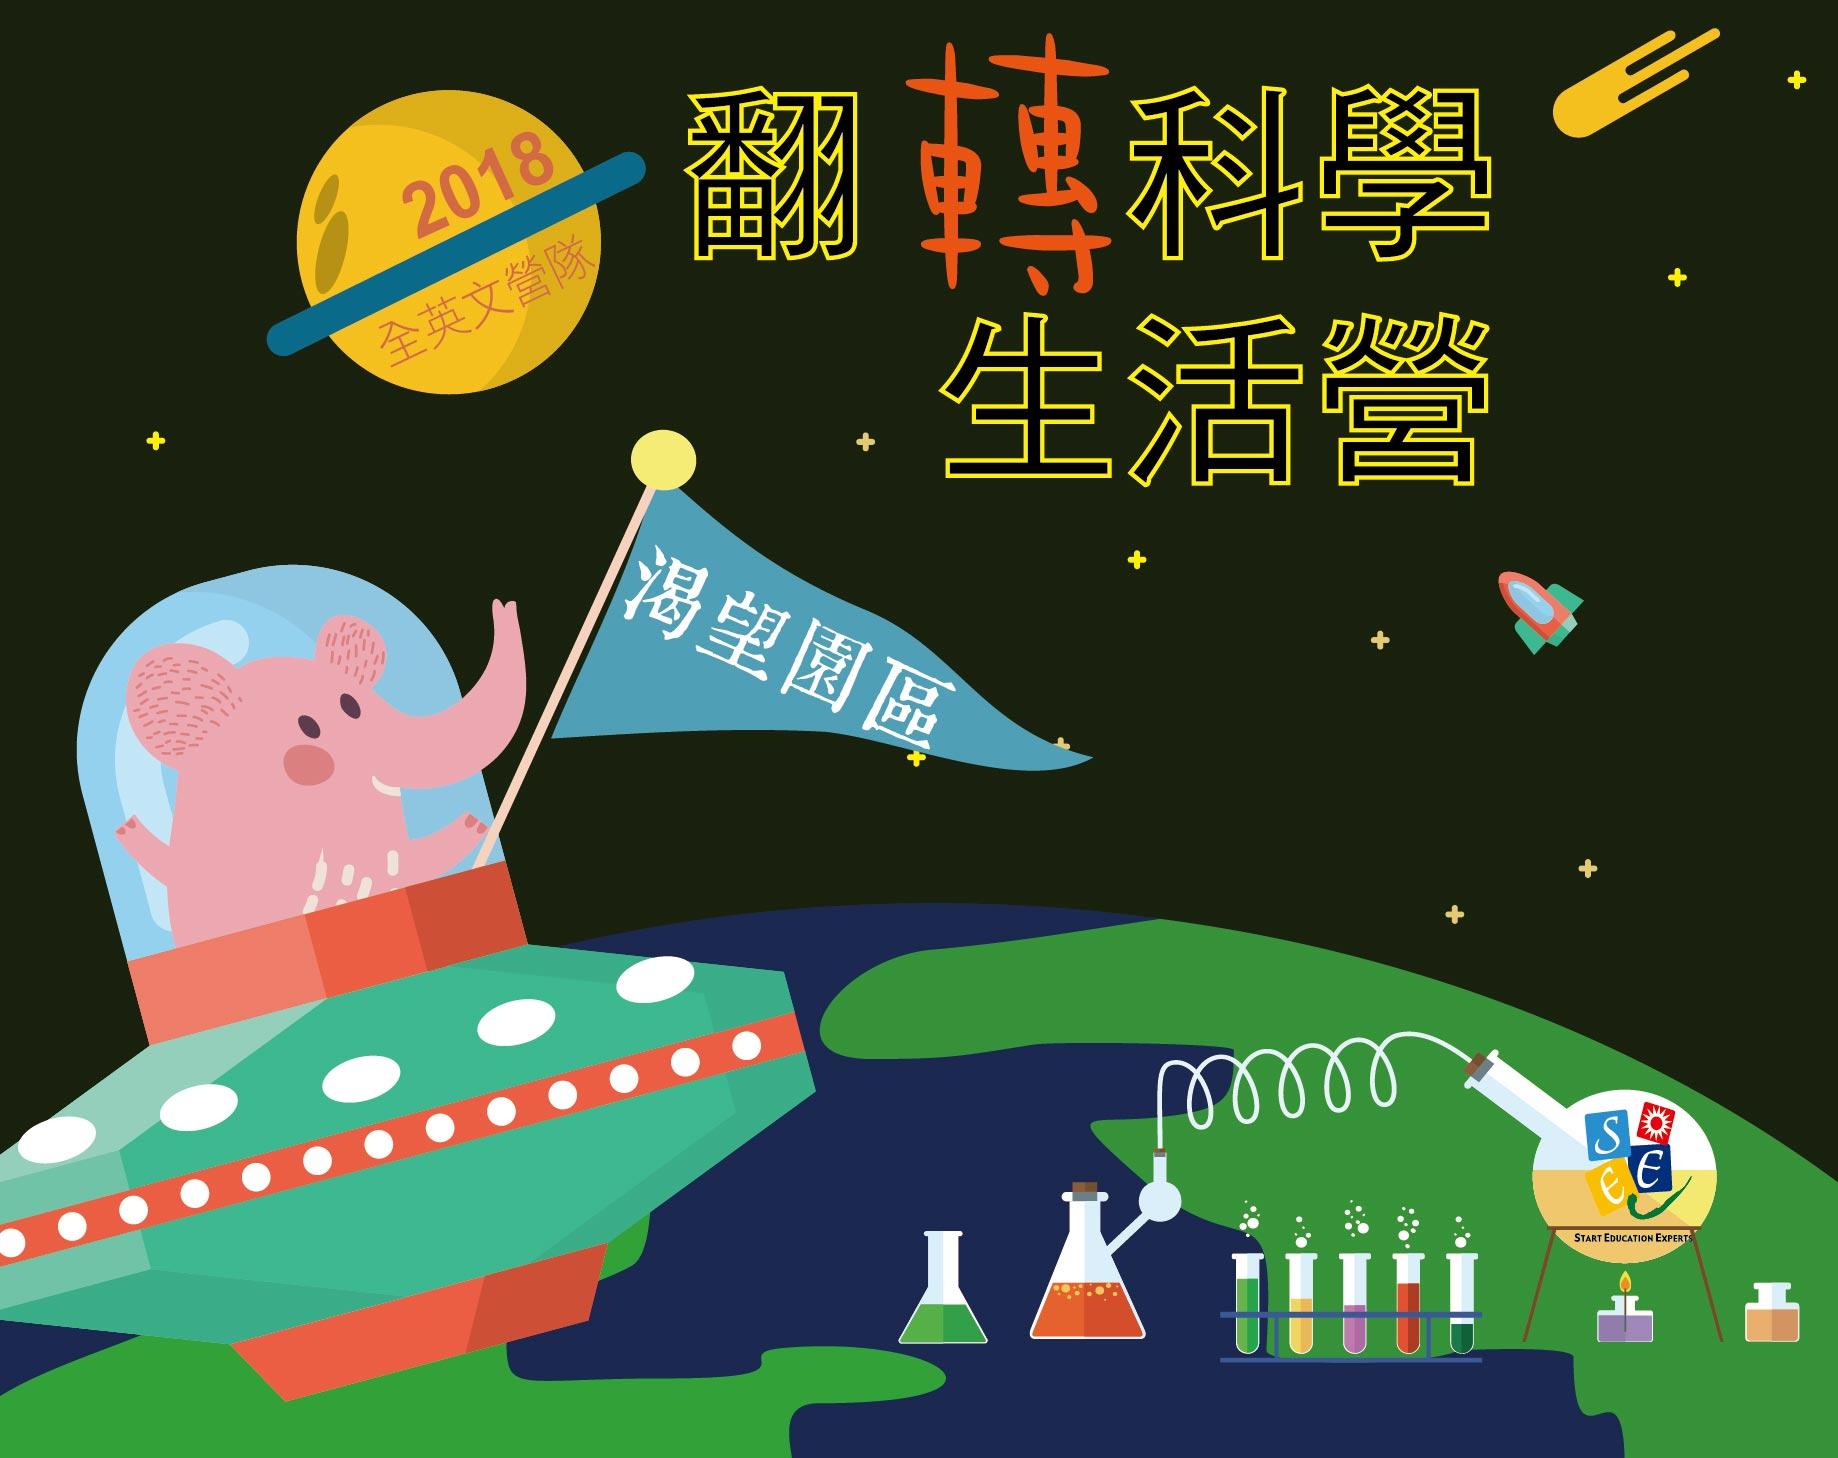 2018 渴望園區 翻轉科學生活營